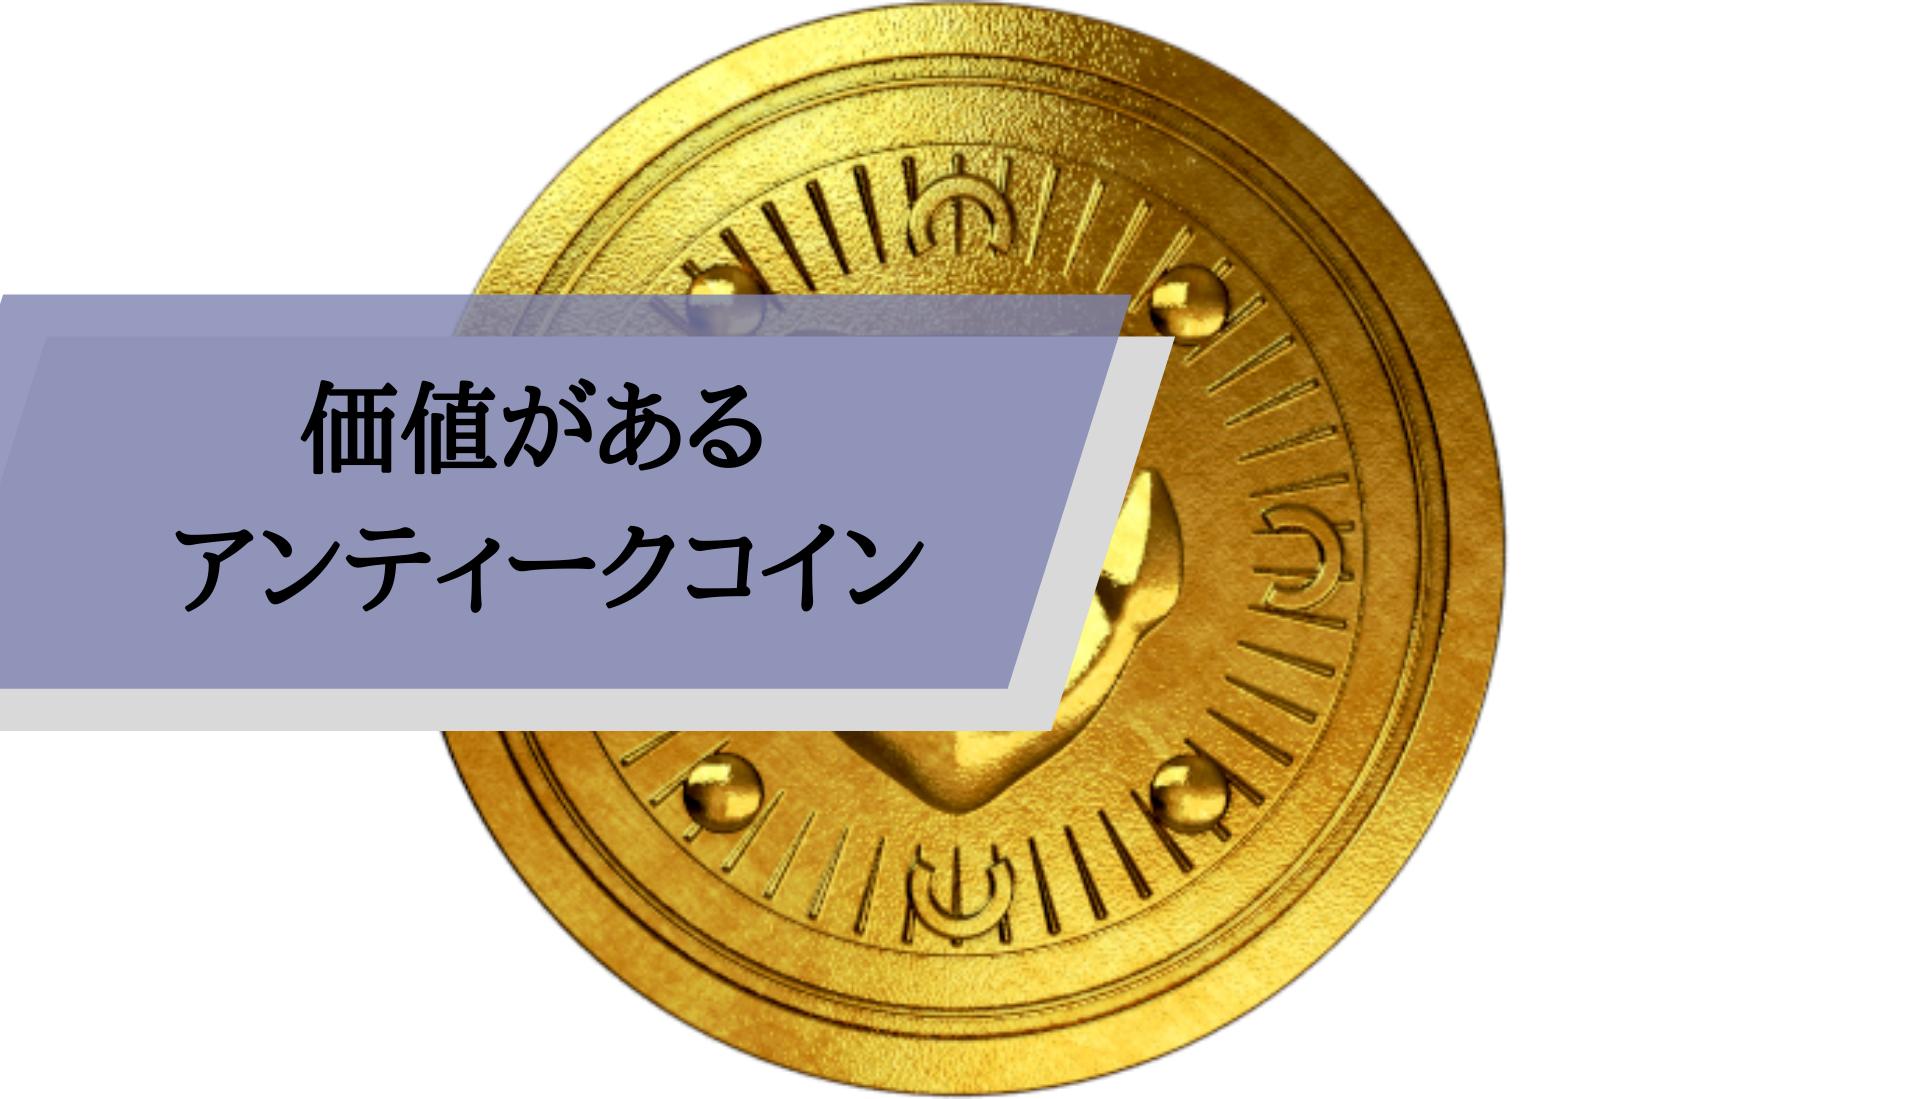 アンティークコイン価値_価値あり